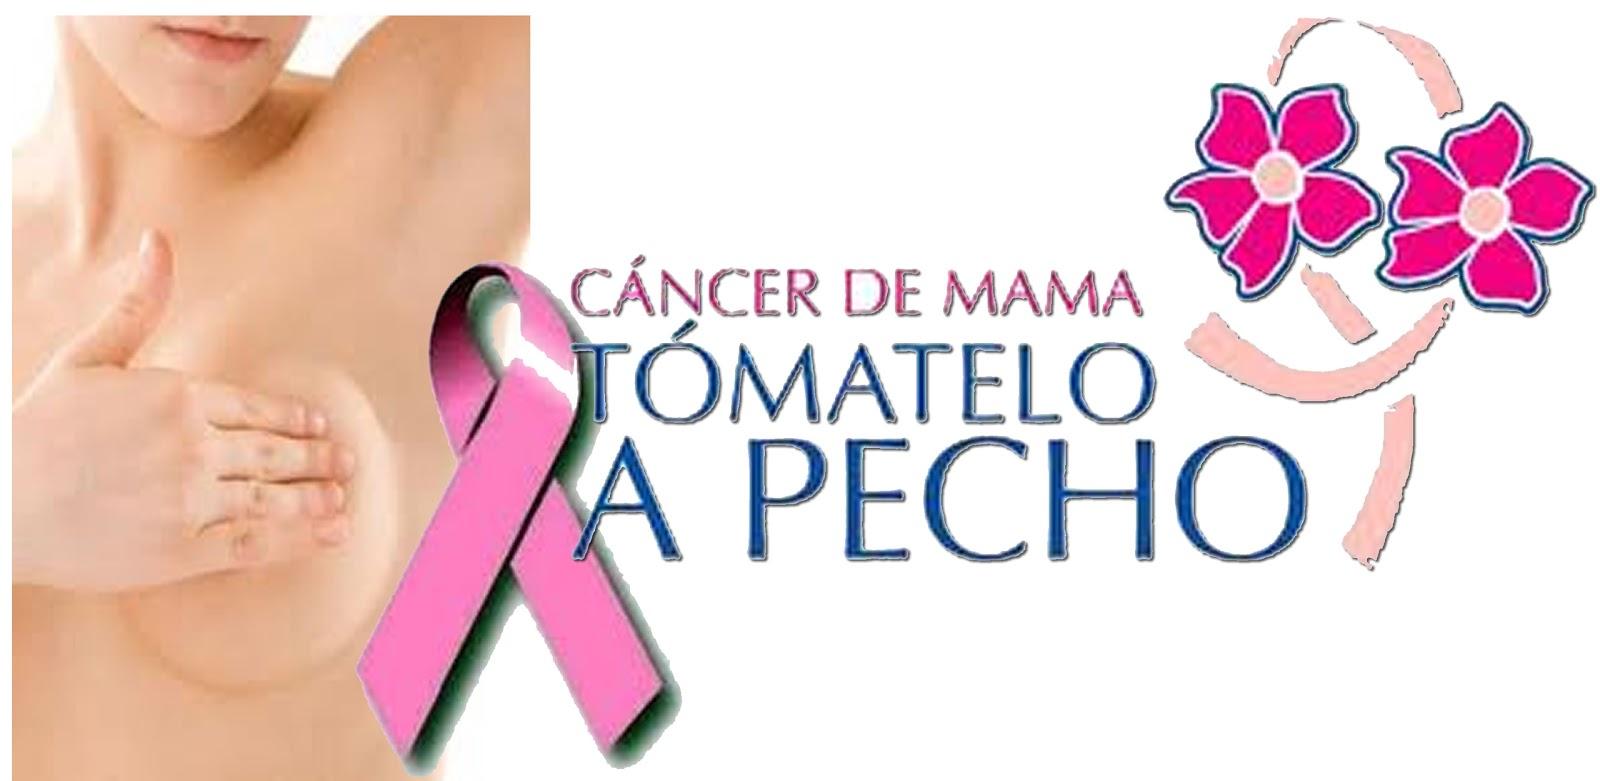 CANCER DE MAMA ¿ EVITA RIESGOS?